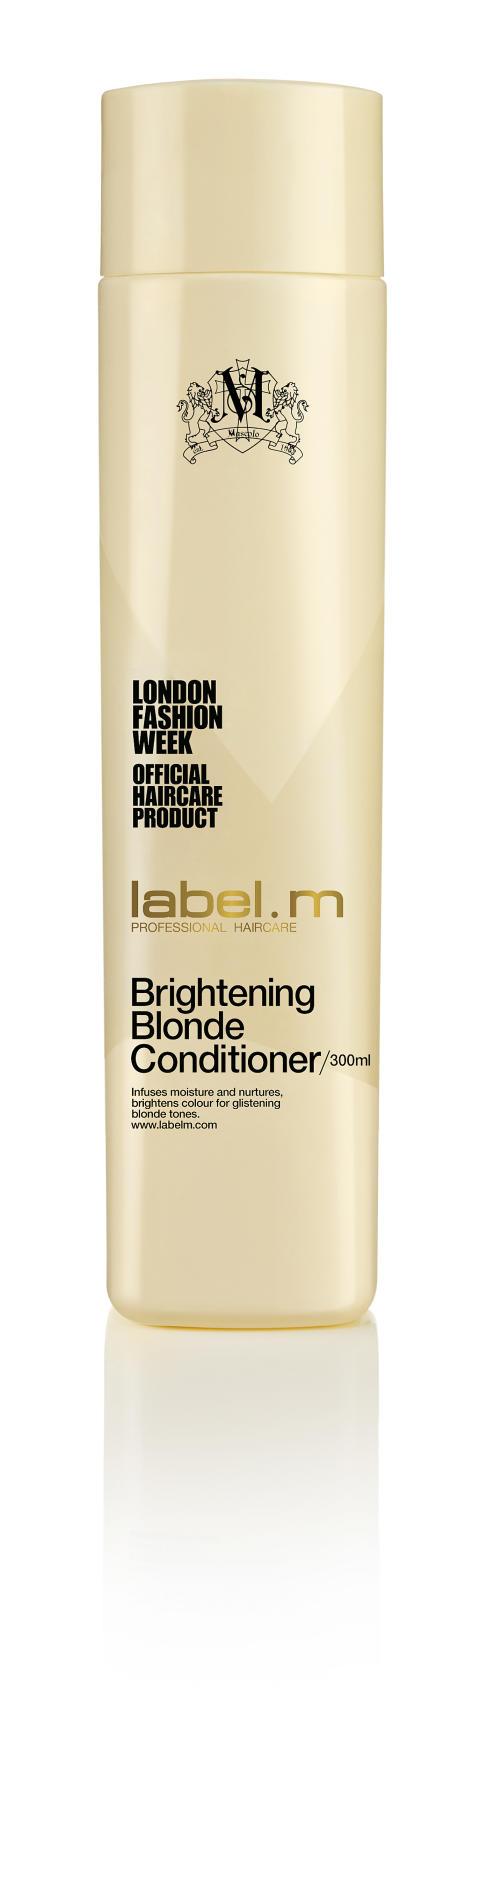 Label.M - Brightening Blonde Conditioner